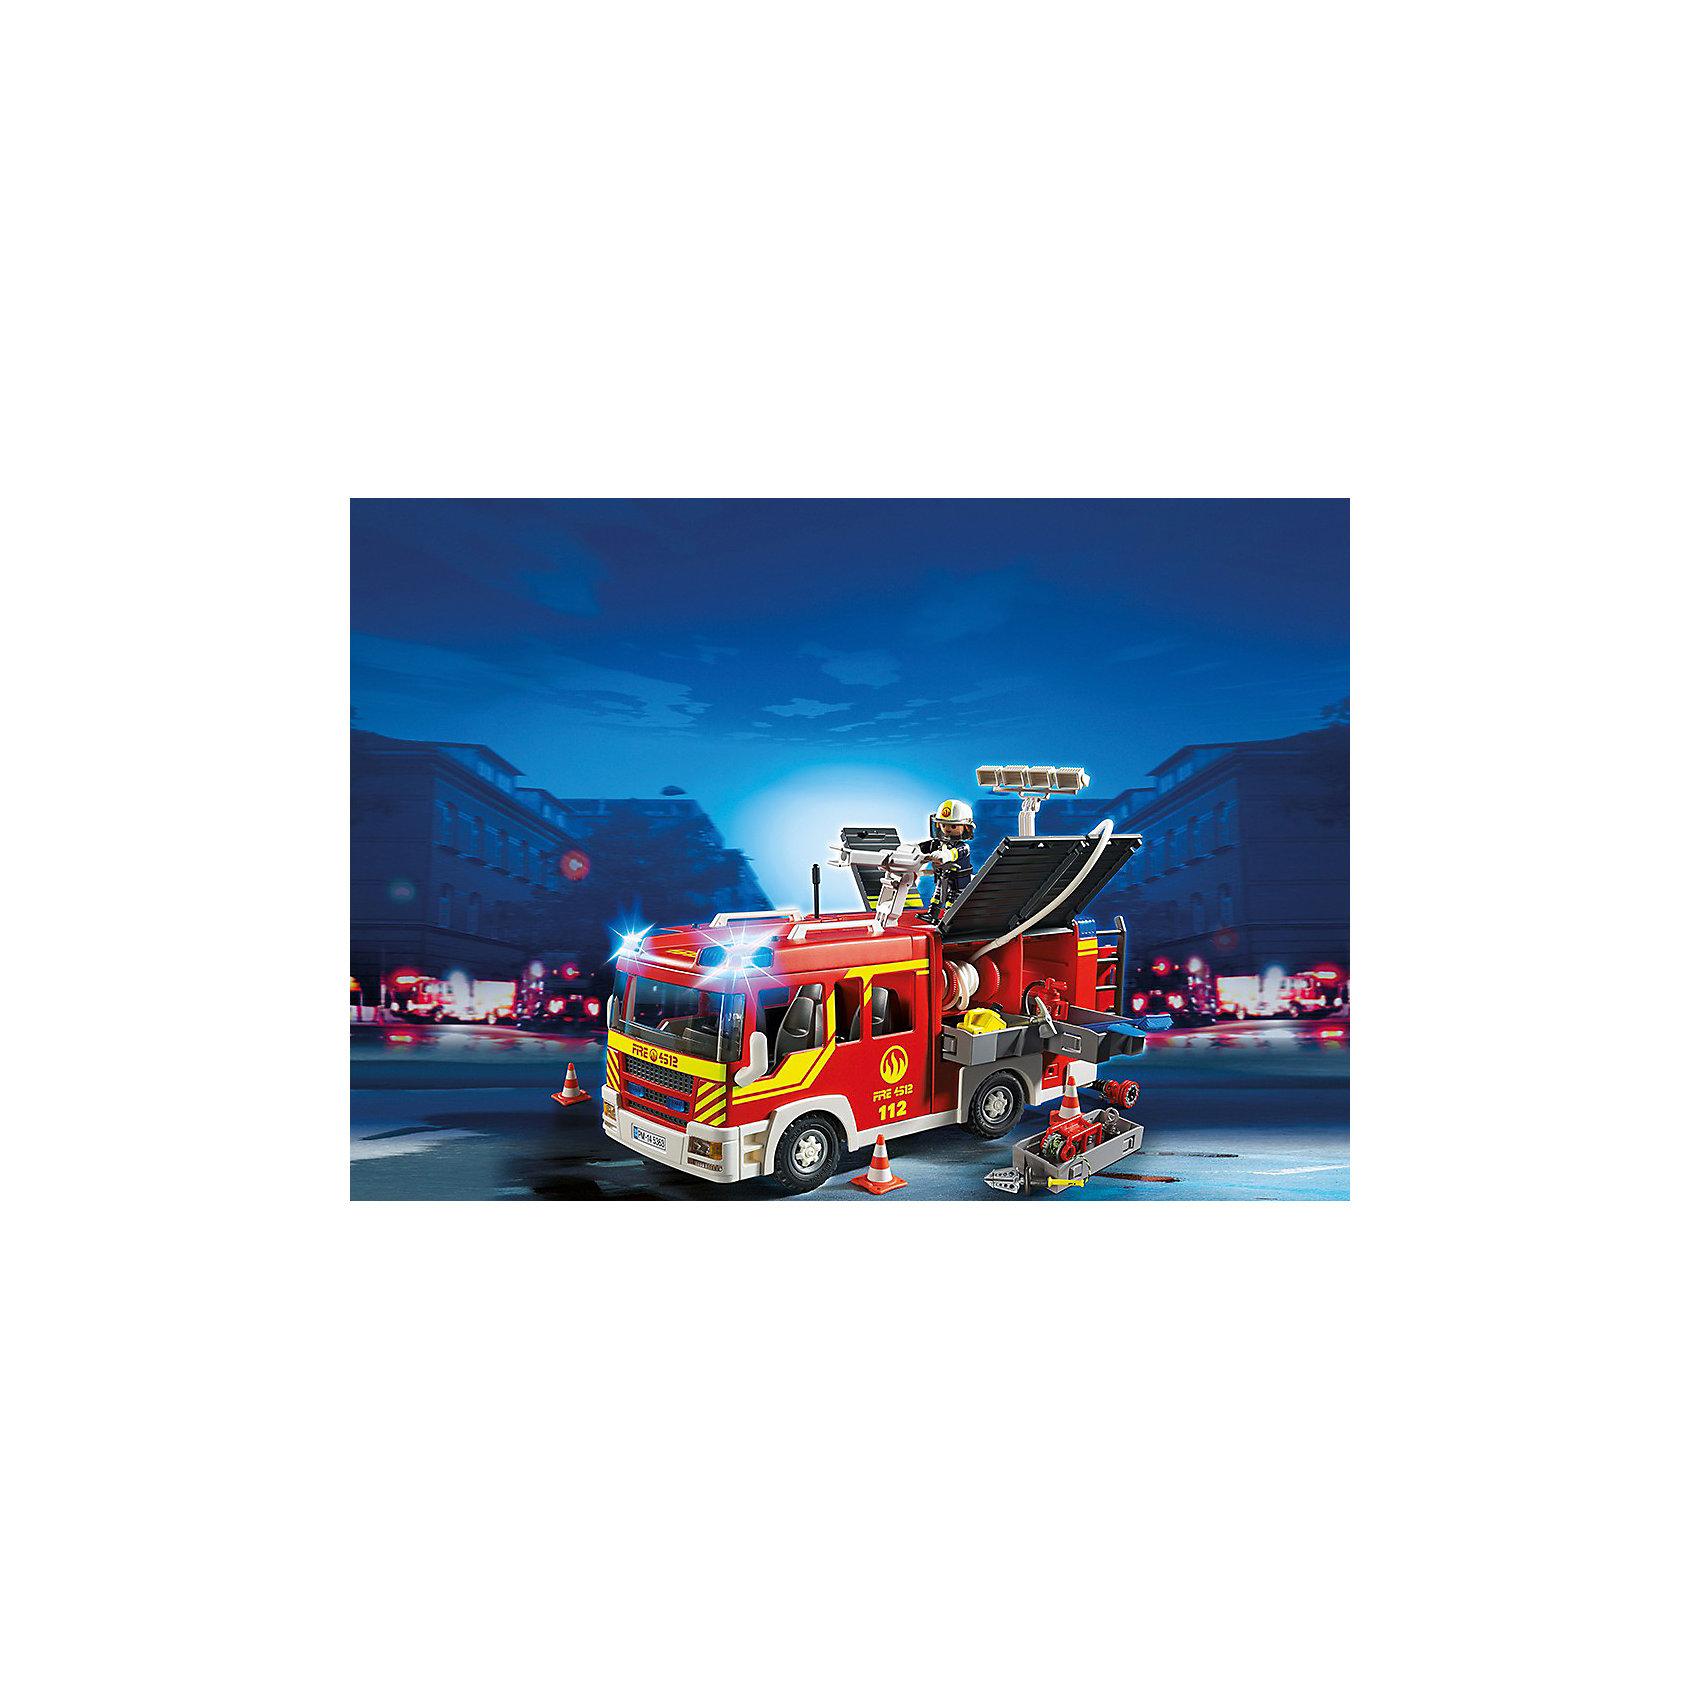 Пожарная машина со светом и звуком, PLAYMOBILИдеи подарков<br>Конструктор PLAYMOBIL (Плеймобил) 5363 Пожарная служба: Пожарная машина со светом и звуком - находка для заботливых родителей! Конструктор Вашего ребенка должен быть именно таким: красочным, безопасным и очень интересным. Серия Пожарная служба специально создана для малышей которые не боятся опасности и мечтают помогать другим людям. Пожарные - самая отважная профессия! Настоящий пожарный должен быть смелым, сильным и очень ловким. В наборе Пожарная машина со светом и звуком ребенок найдет фигурку пожарного, одетого в специальную форму, каску и перчатки. Он легко управляет большой пожарной машиной, которая оборудована по последнему слову техники. Две мигалки помогают оказаться на месте возгорания за считанные минуты. Пожарный быстро расставляет конусы, разматывает шланги и направляет брандспойт на горящее здание. В машине множество инструментов, которые могут оказаться полезными если что-то пойдет не по плану. Создай интересные сюжеты с набором Пожарная машина со светом и звуком или объедини его с другими наборами серии и игра станет еще интереснее. Придумывая замечательные сюжеты с деталями конструктора, Ваш ребенок развивает фантазию, учится заботе и просто прекрасно проводит время!<br><br>Дополнительная информация:<br><br>- Конструкторы PLAYMOBIL (Плеймобил) отлично развивают мелкую моторику, фантазию и воображение;<br>- В наборе: минифигурка пожарного, пожарная машина, огнетушитель, лопата, веревка, инструменты, аксессуары;<br>- Количество деталей: 120 шт;<br>- Материал: безопасный пластик;<br>- Для работы необходимы 2 батарейки типа ААА (не в комплекте);<br>- Размер минифигурки: 7,5 см;<br>- Размер упаковки: 13 х 28 х 17 см<br><br>Конструктор PLAYMOBIL (Плеймобил) 5363 Пожарная служба: Пожарная машина со светом и звуком можно купить в нашем интернет-магазине.<br><br>Ширина мм: 352<br>Глубина мм: 248<br>Высота мм: 142<br>Вес г: 1228<br>Возраст от месяцев: 60<br>Возраст до месяцев: 120<br>Пол: Мужской<